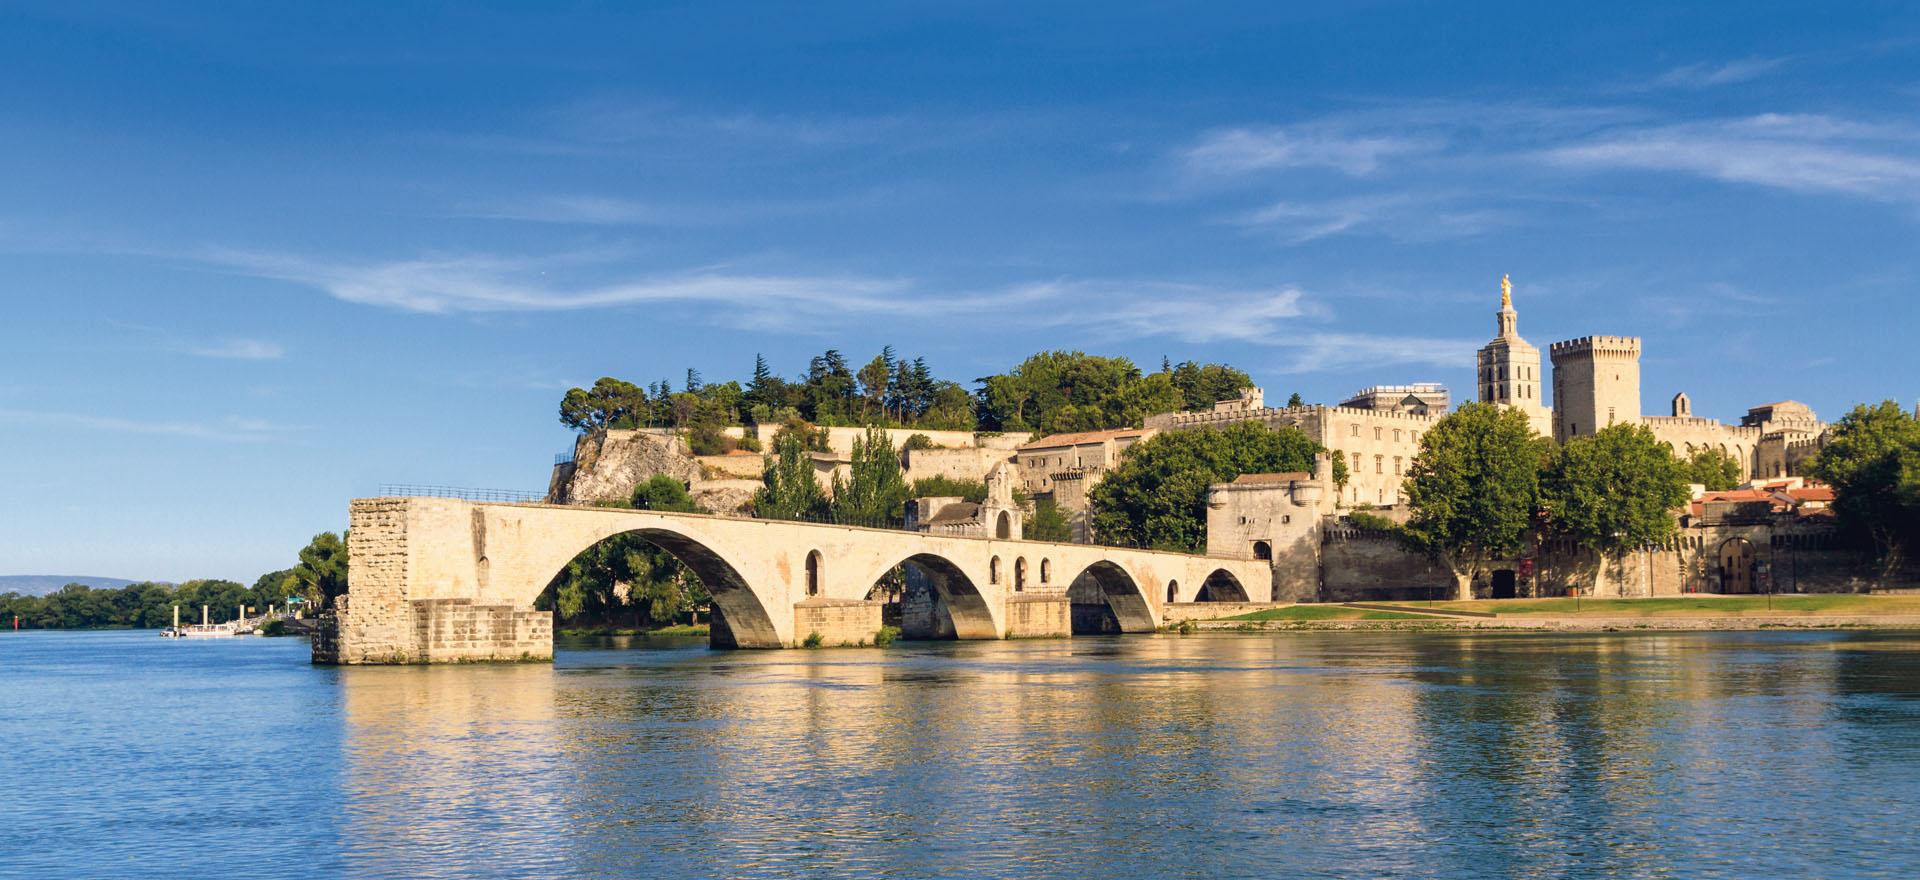 Avignon roman bridge